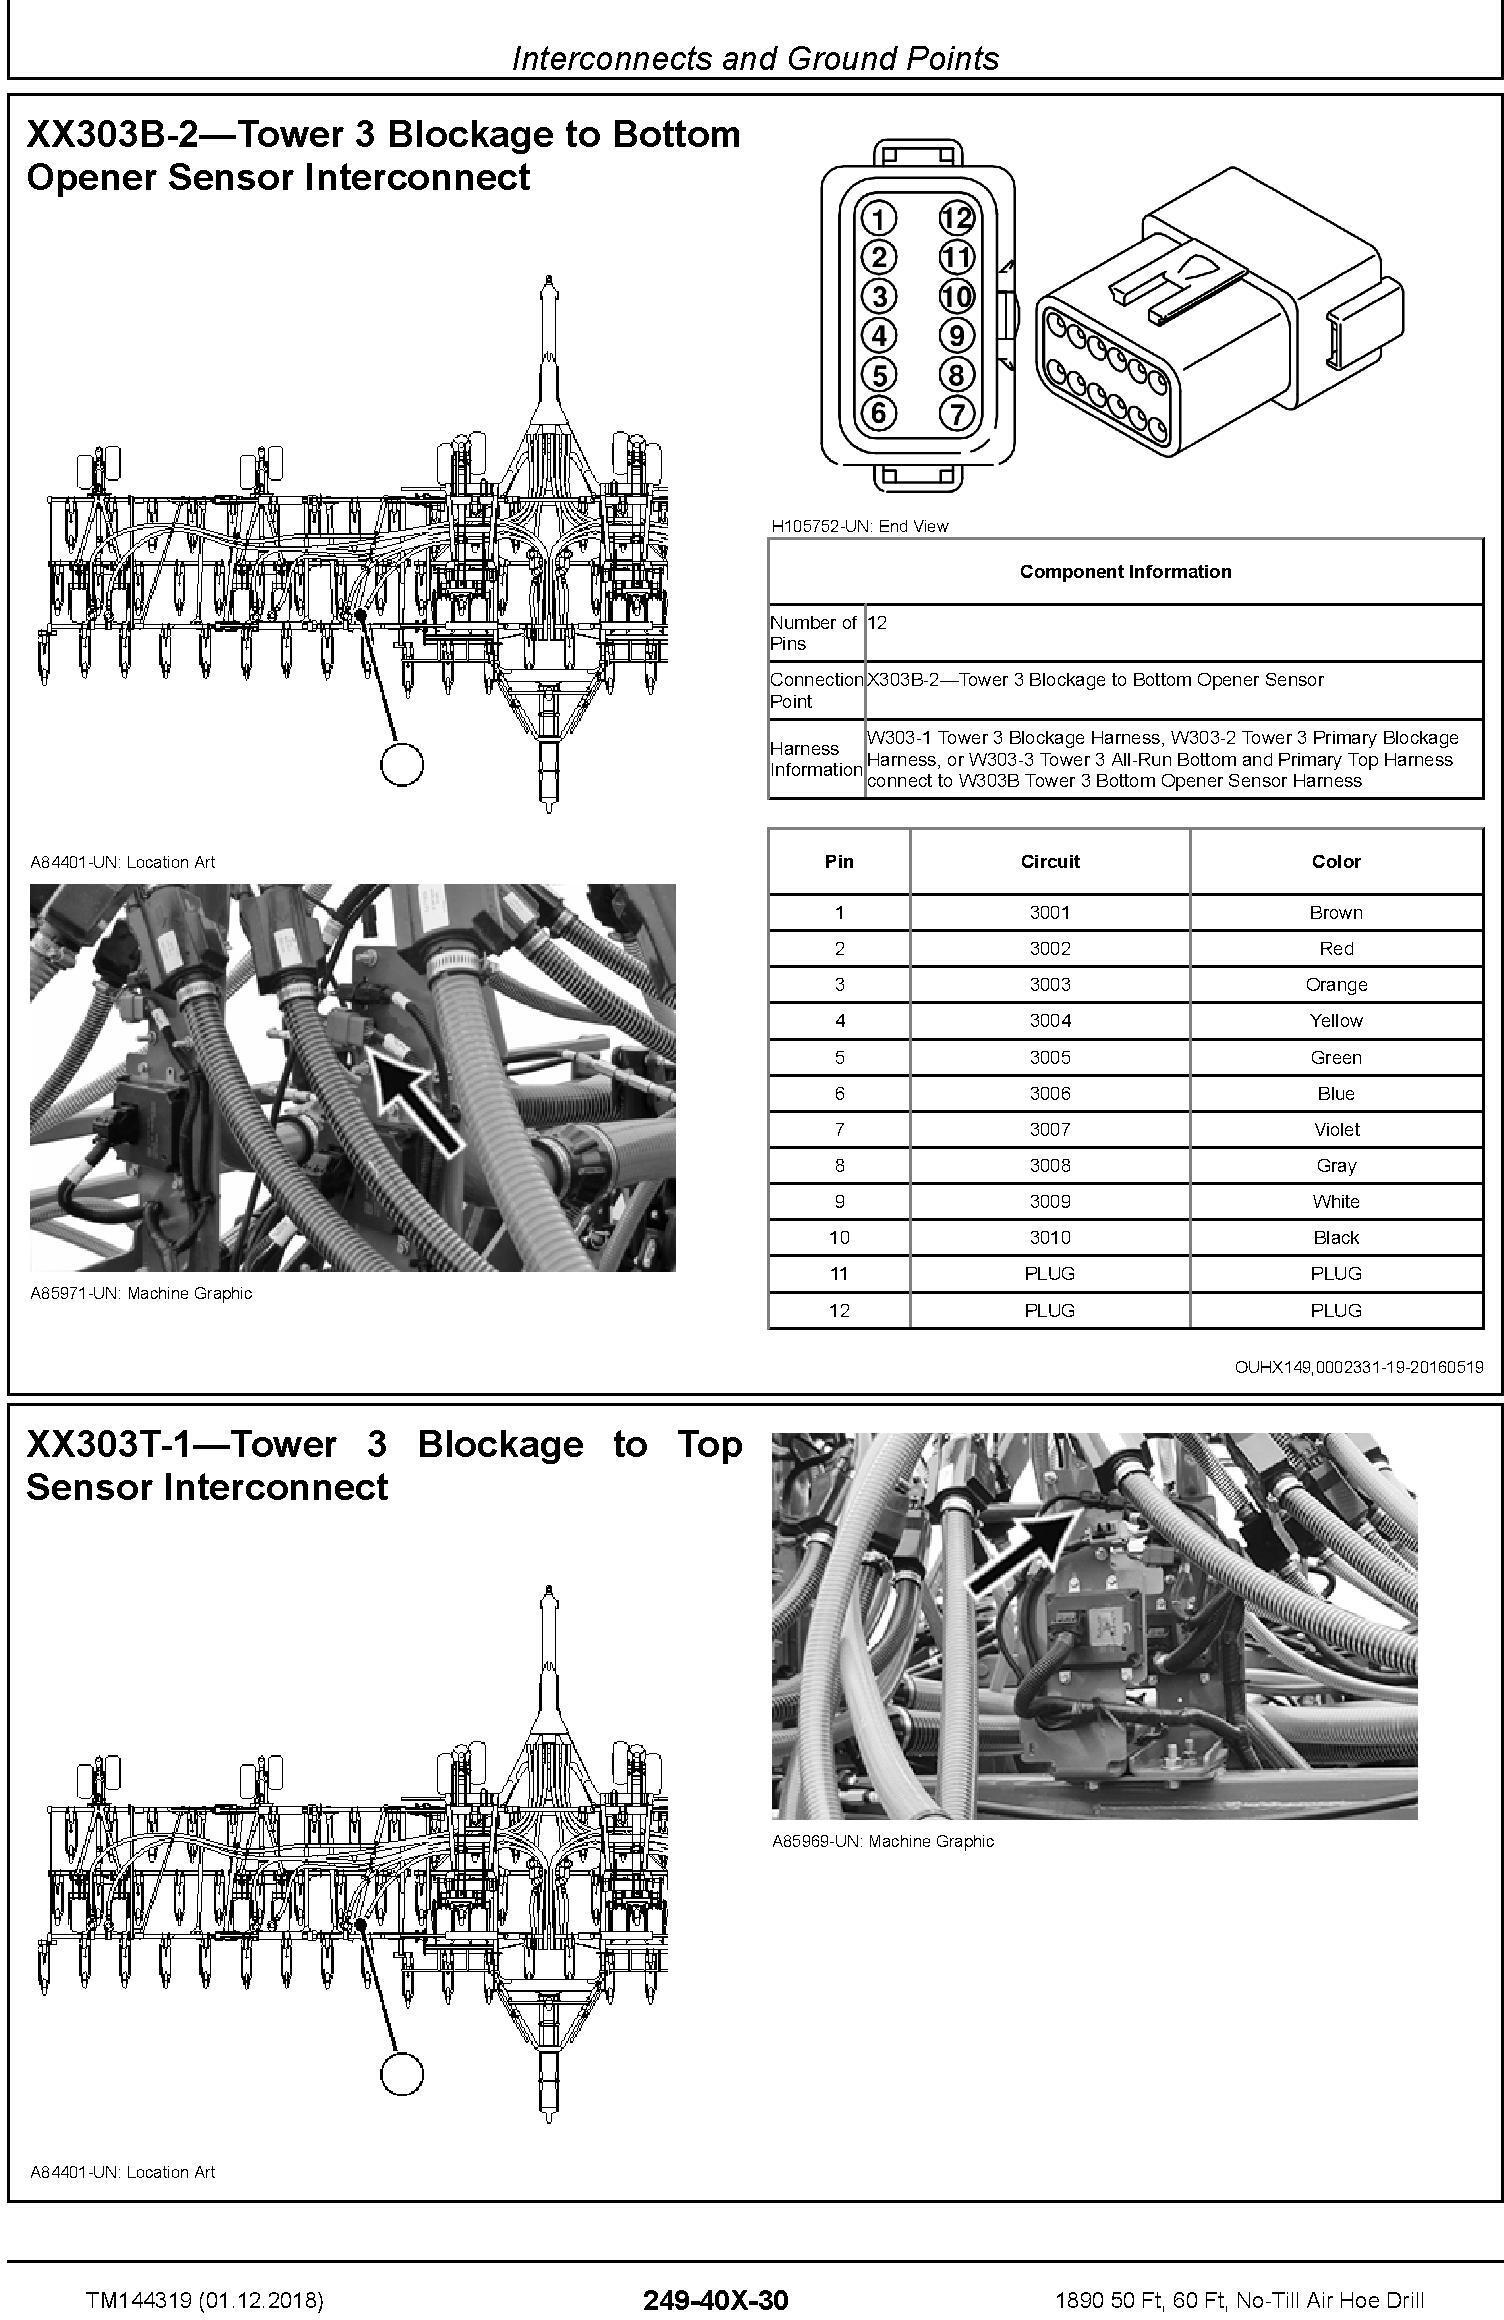 John Deere 1890 50 Ft, 60 Ft, No-Till Air Hoe Drill Diagnostic Technical Service Manual (TM144319) - 1